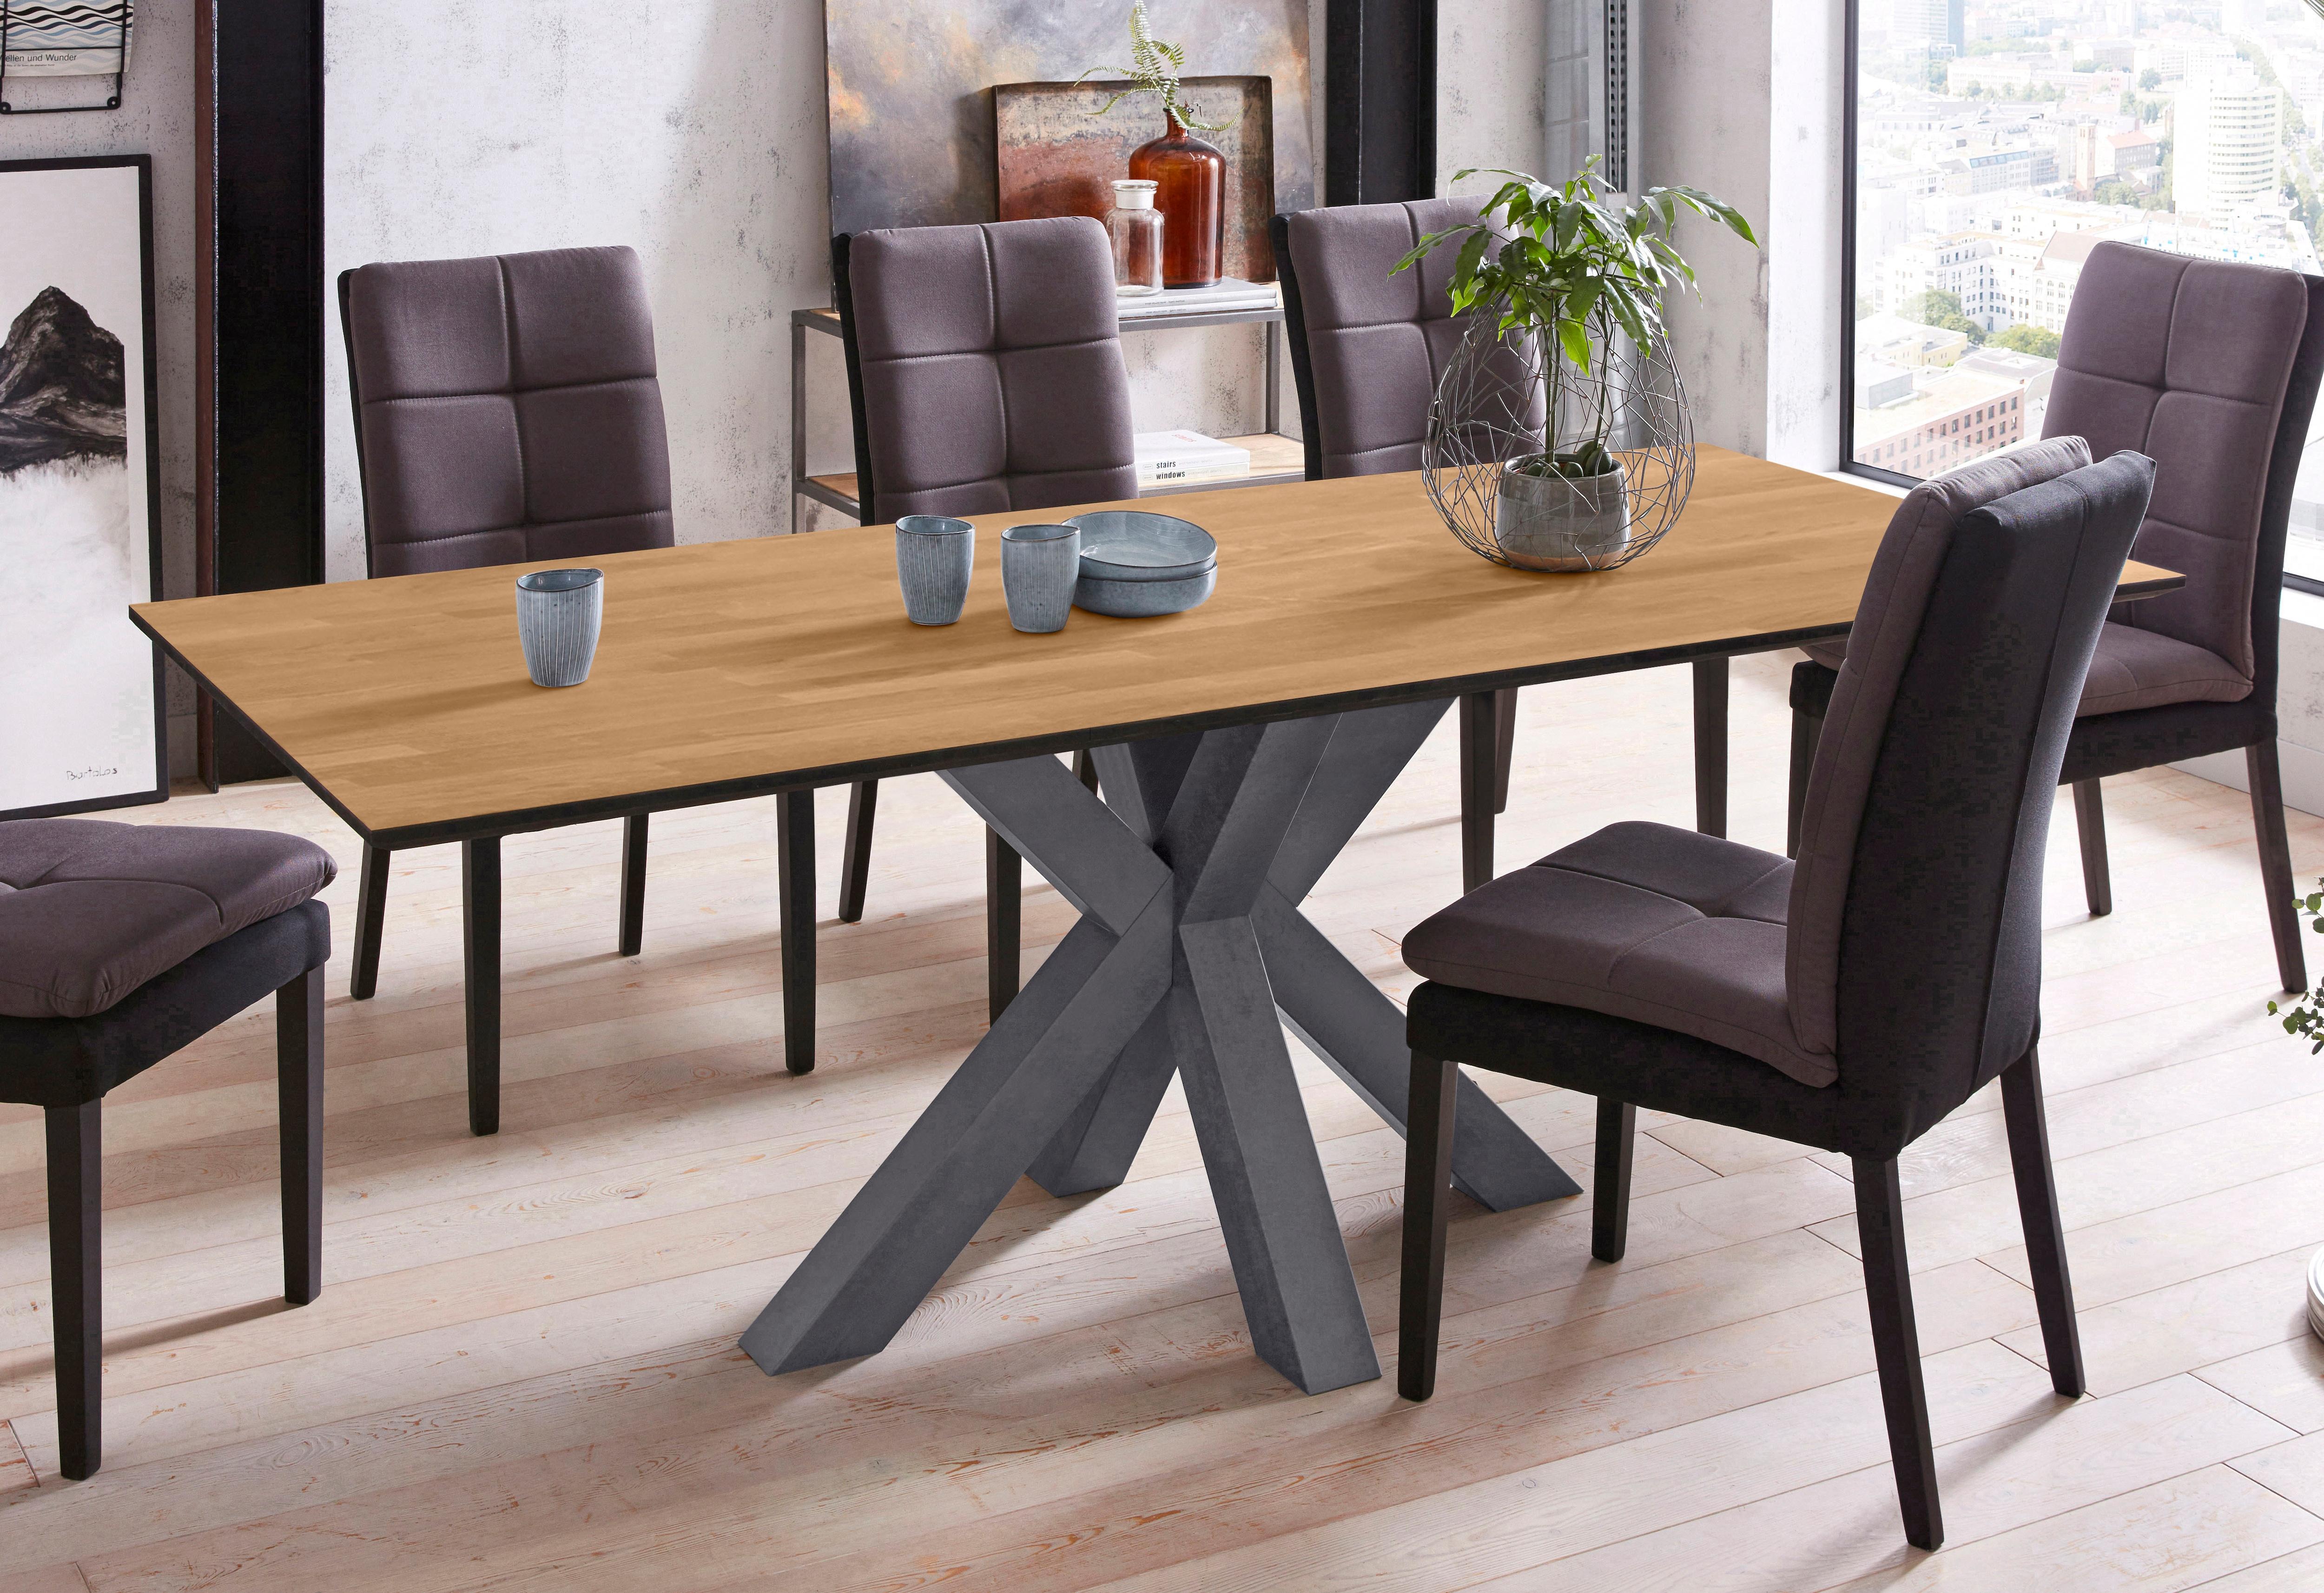 Mäusbacher Esstisch, Breite 180 cm schwarz Esstisch Esstische rechteckig Tische